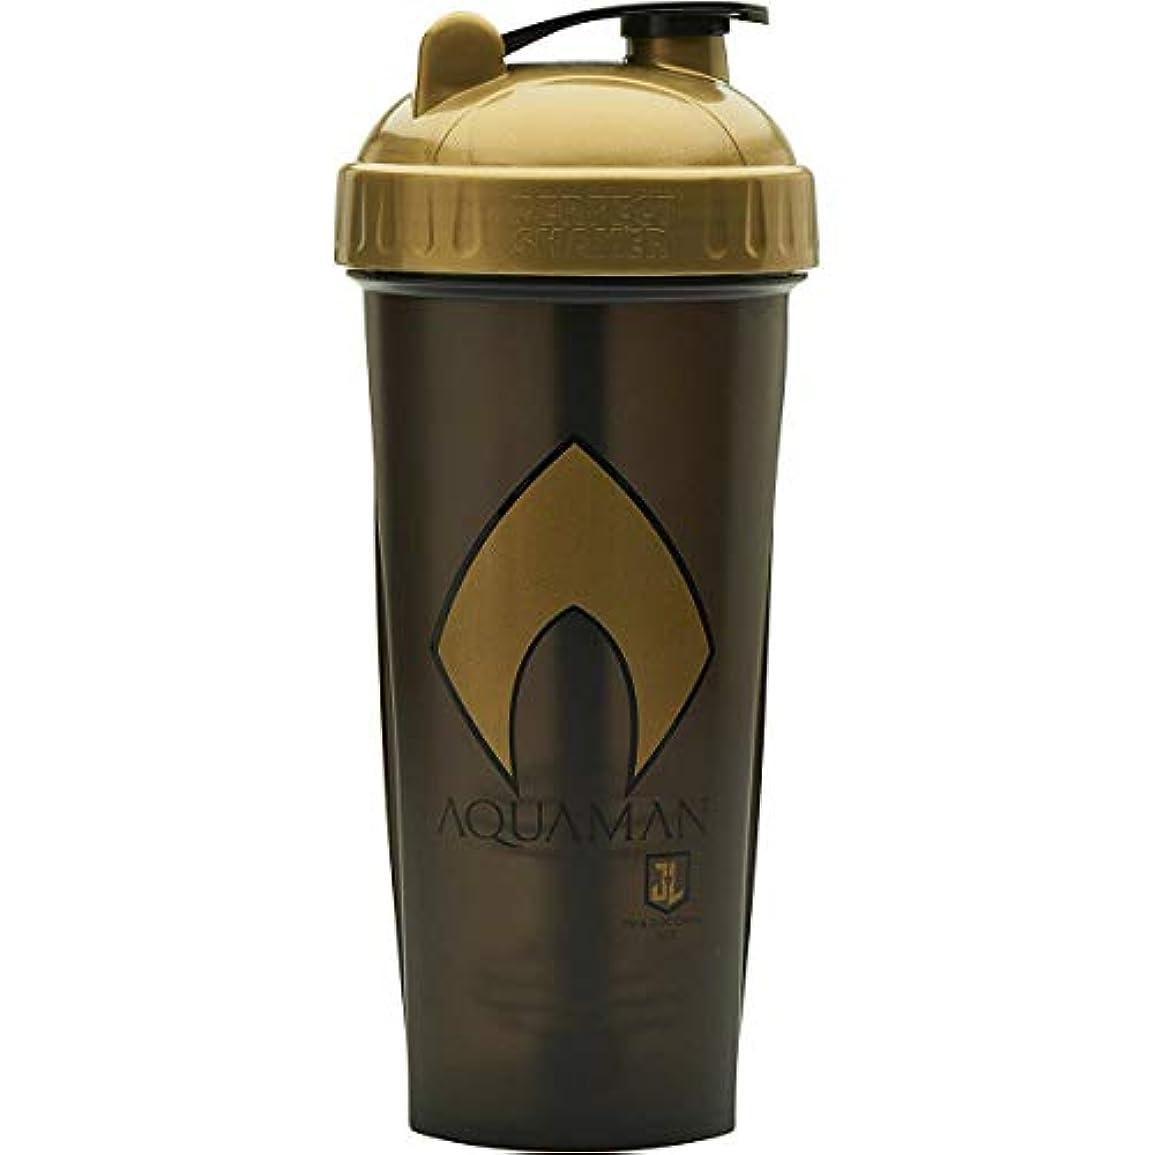 何か故国効能BOT-55 ボトル シェイカー プロテイン 水筒 筋トレ ジム ブレンダ― ミキサー ヒーロー 800ml (BOT-55)